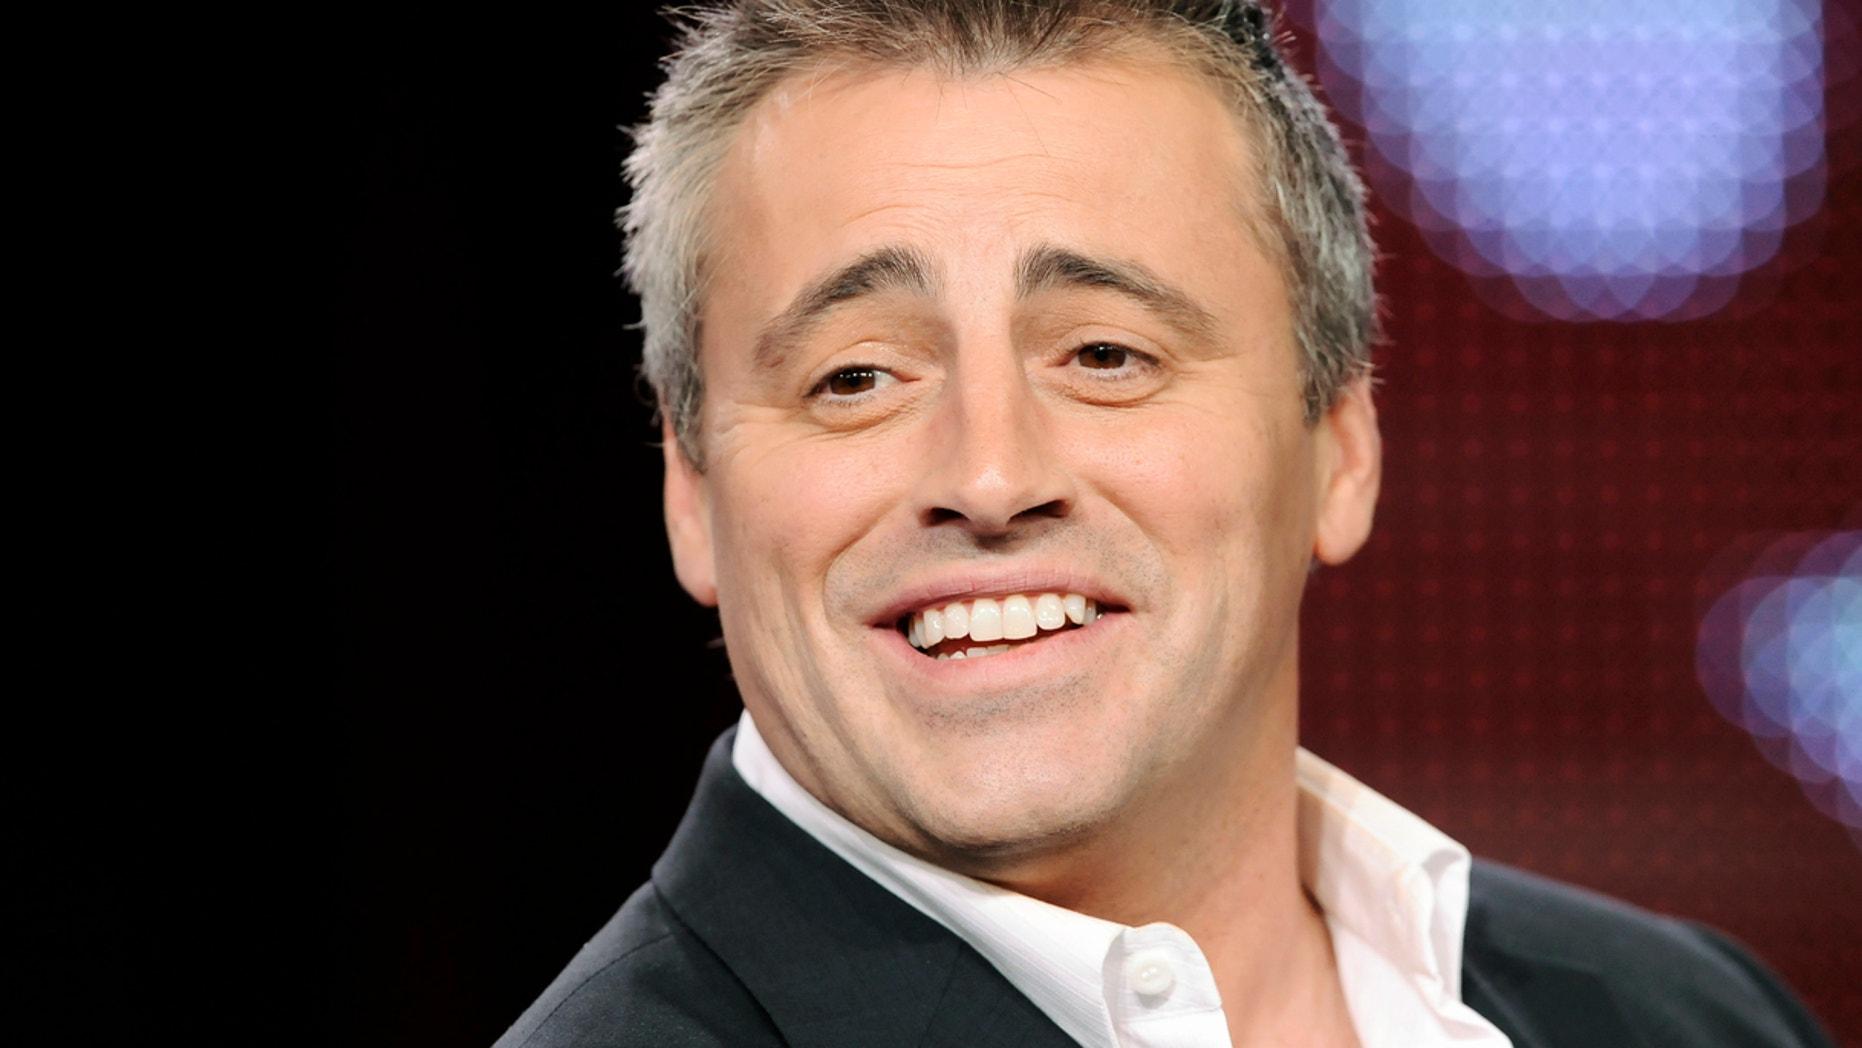 Matt LeBlanc recalls 'gross' moment from famous 'Friends' episode